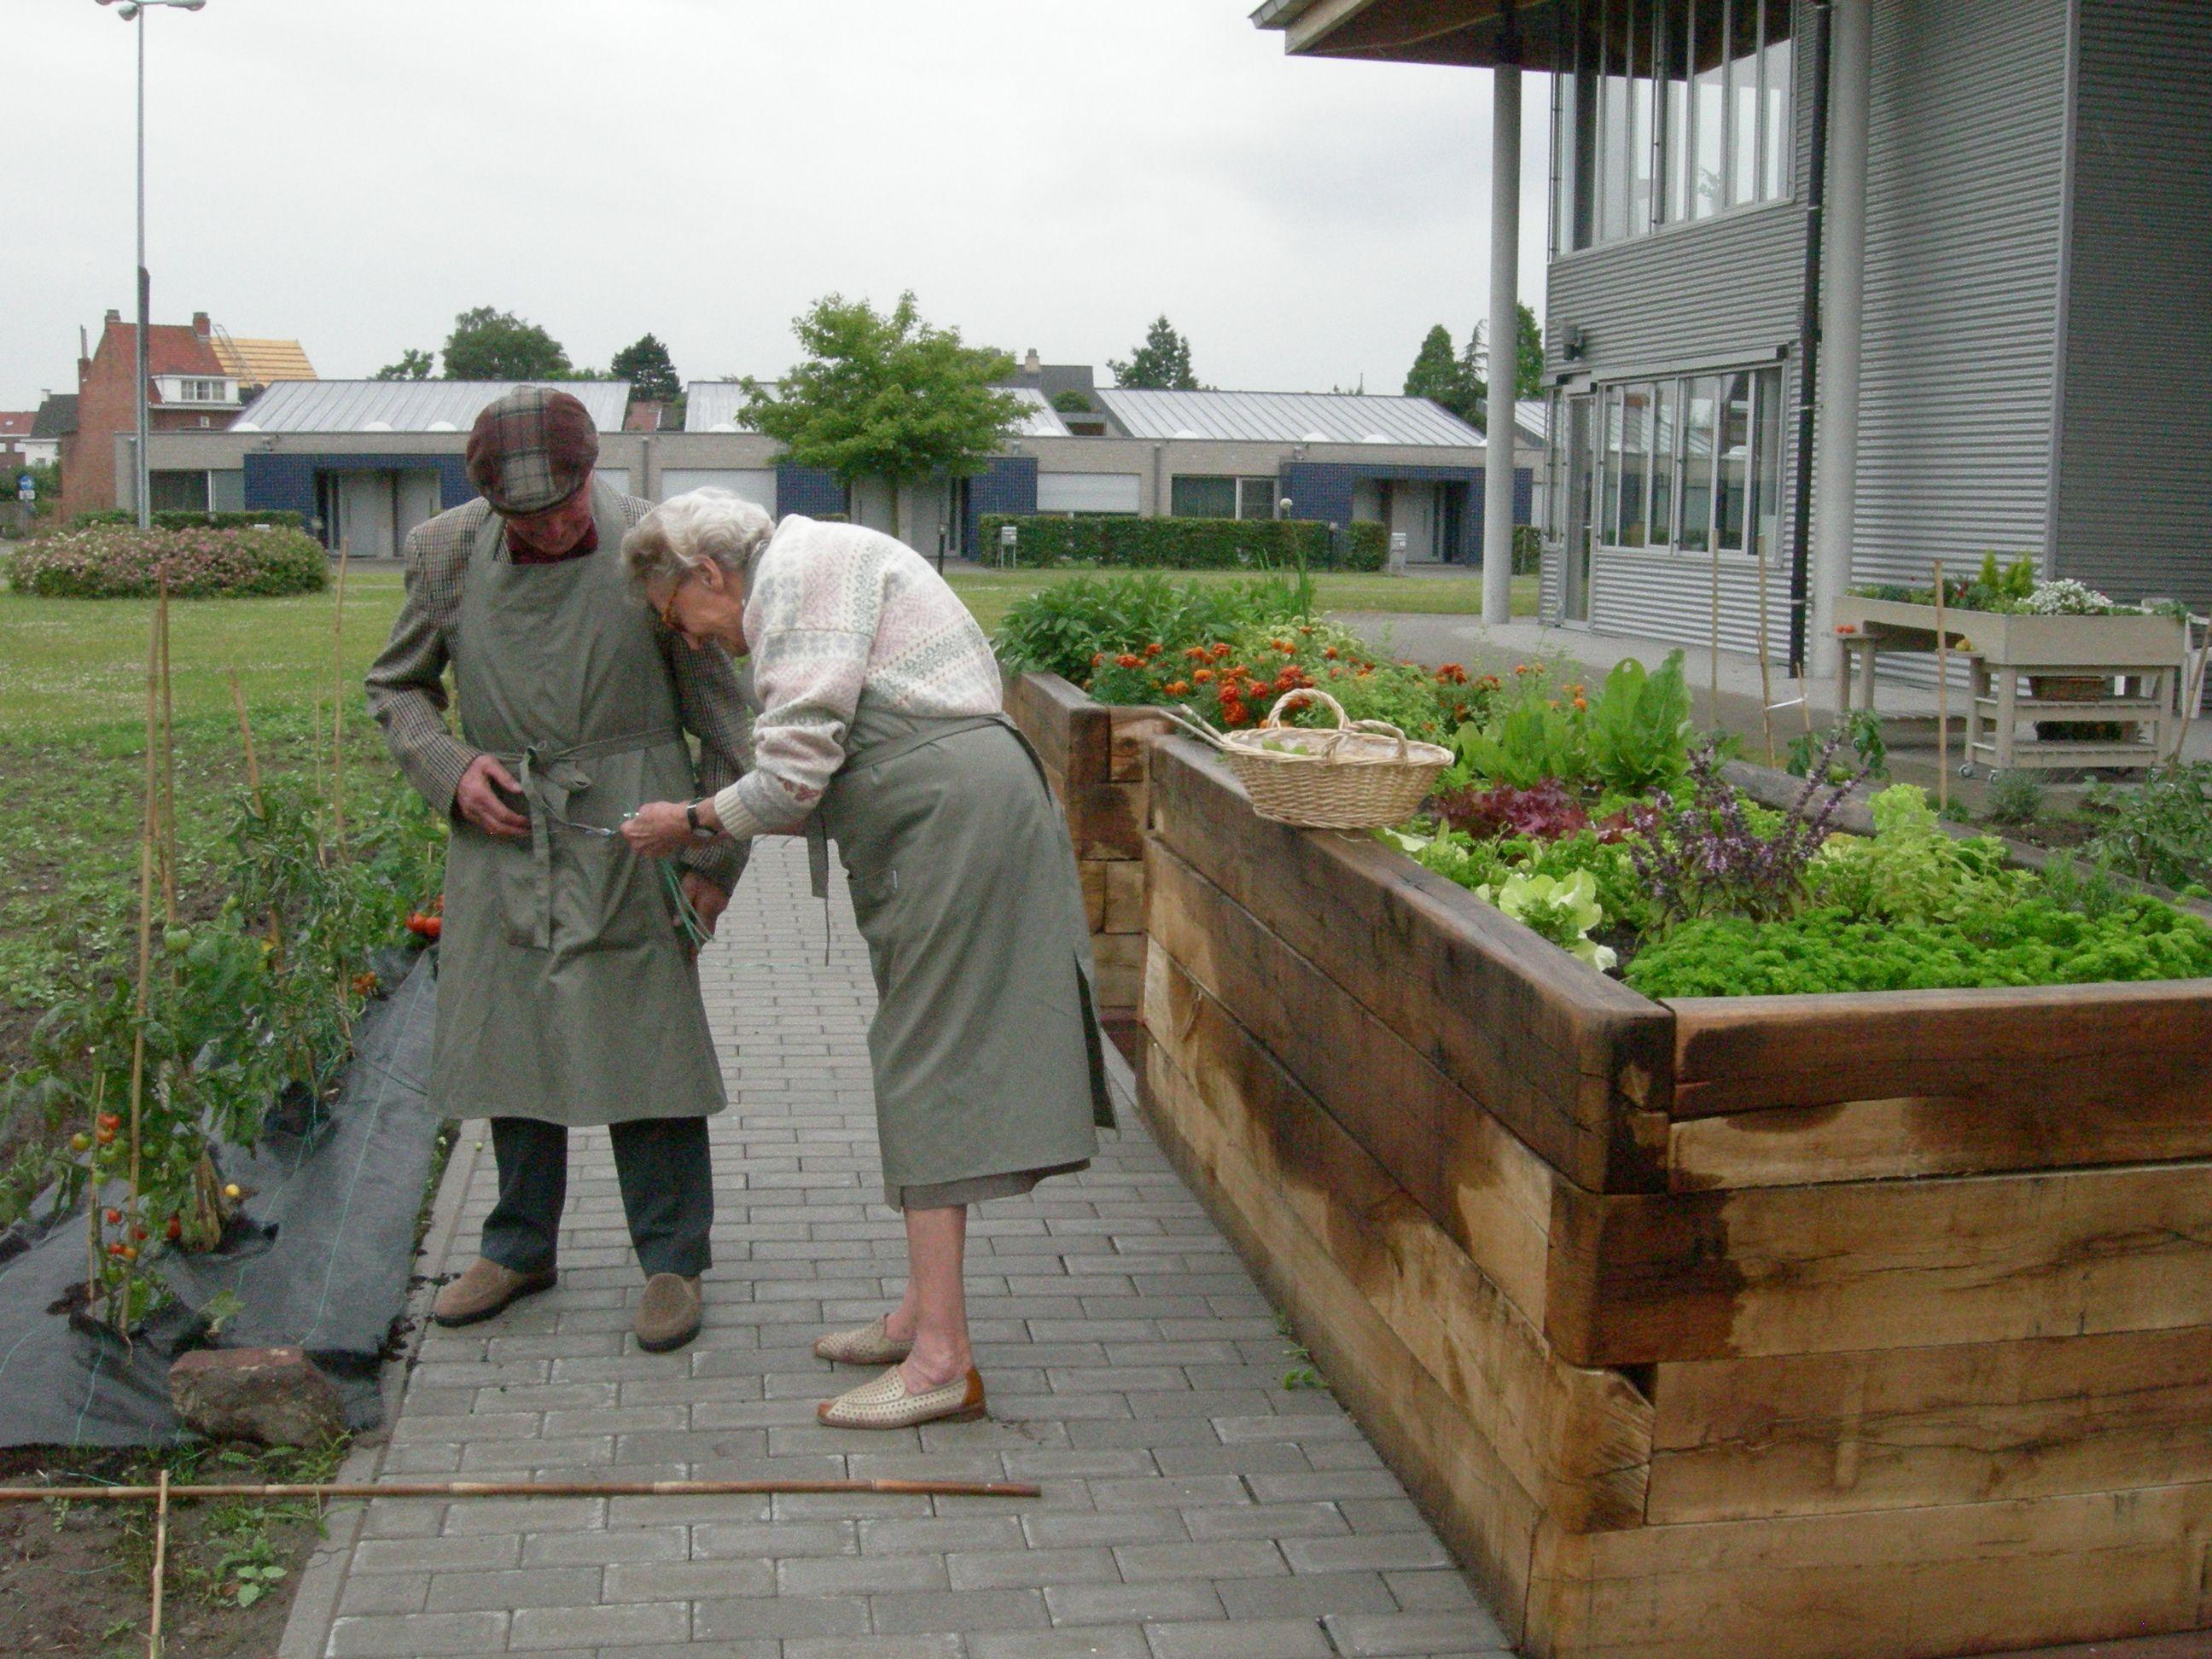 Verhoogde moestuin voor senioren tuinieren in woonzorgcentrum de vijvers gent tuinprojecten - Outdoor tuinieren ...